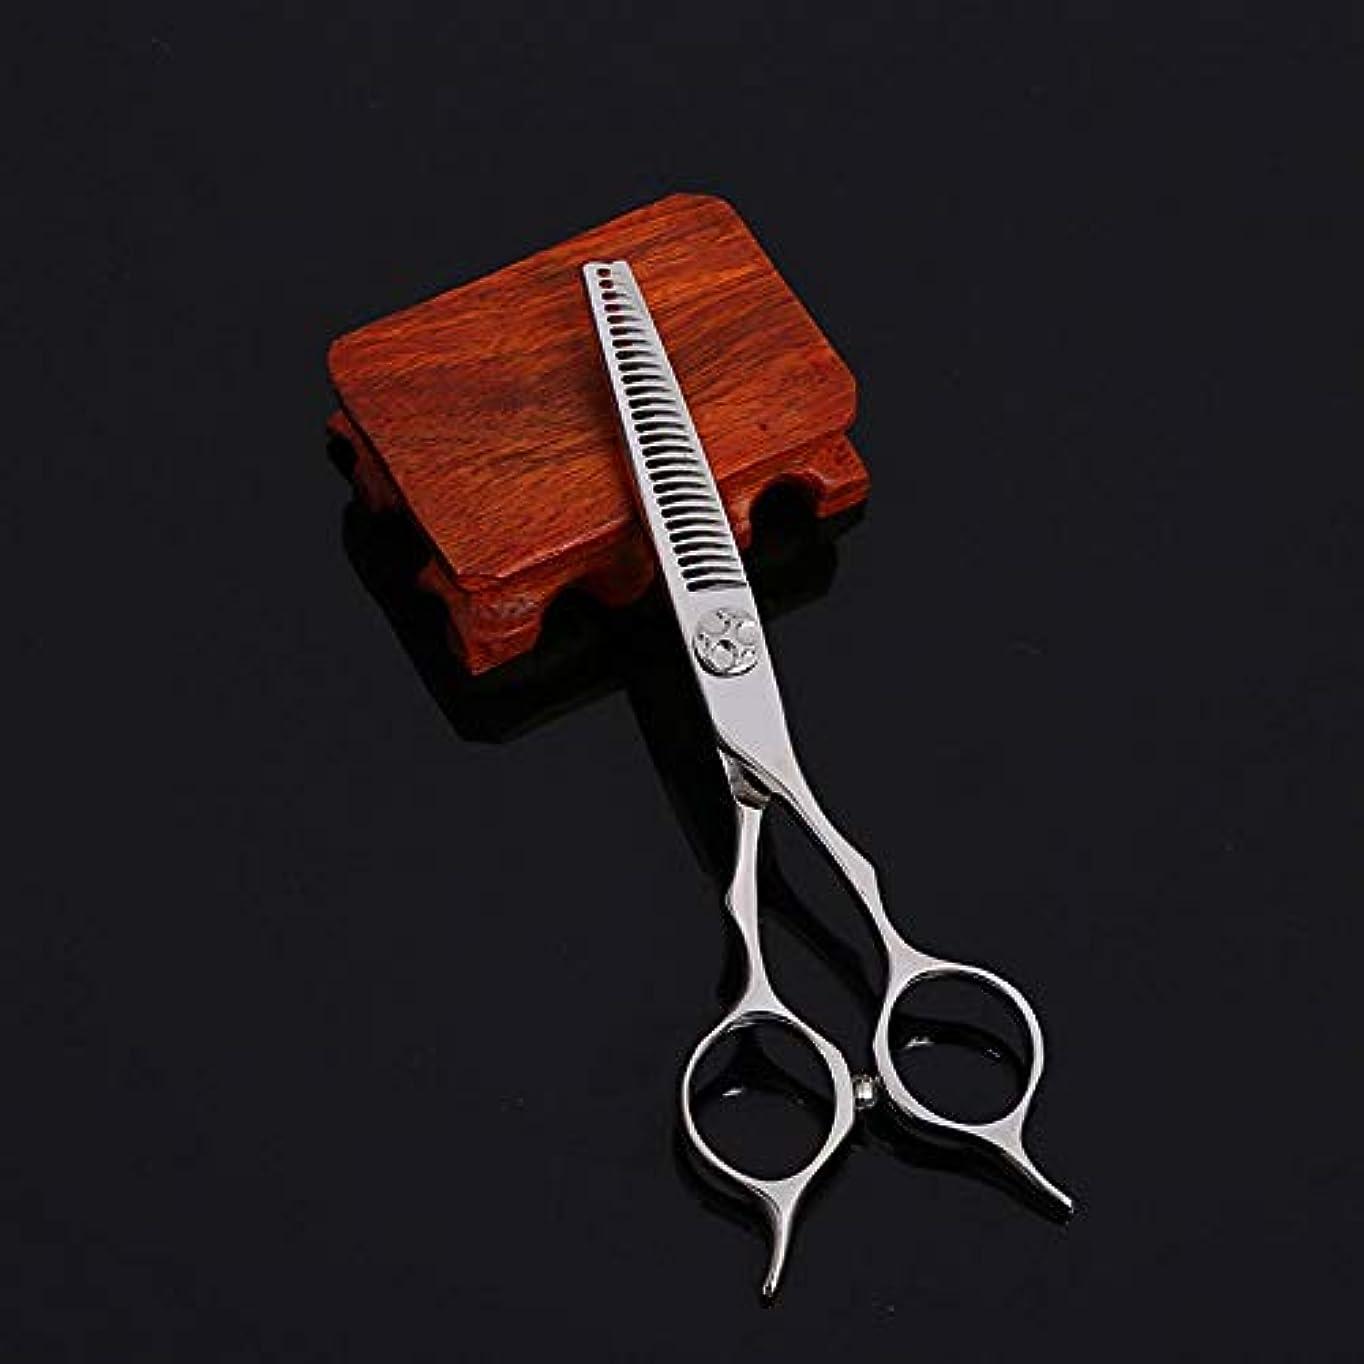 ソーシャル規則性親愛なWASAIO シアーズはさみセットヘアカット5.5インチカービング美容専門ステンレス鋼理容美容サロンテクスチャーレイザーエッジシザー髪 (色 : Silver)